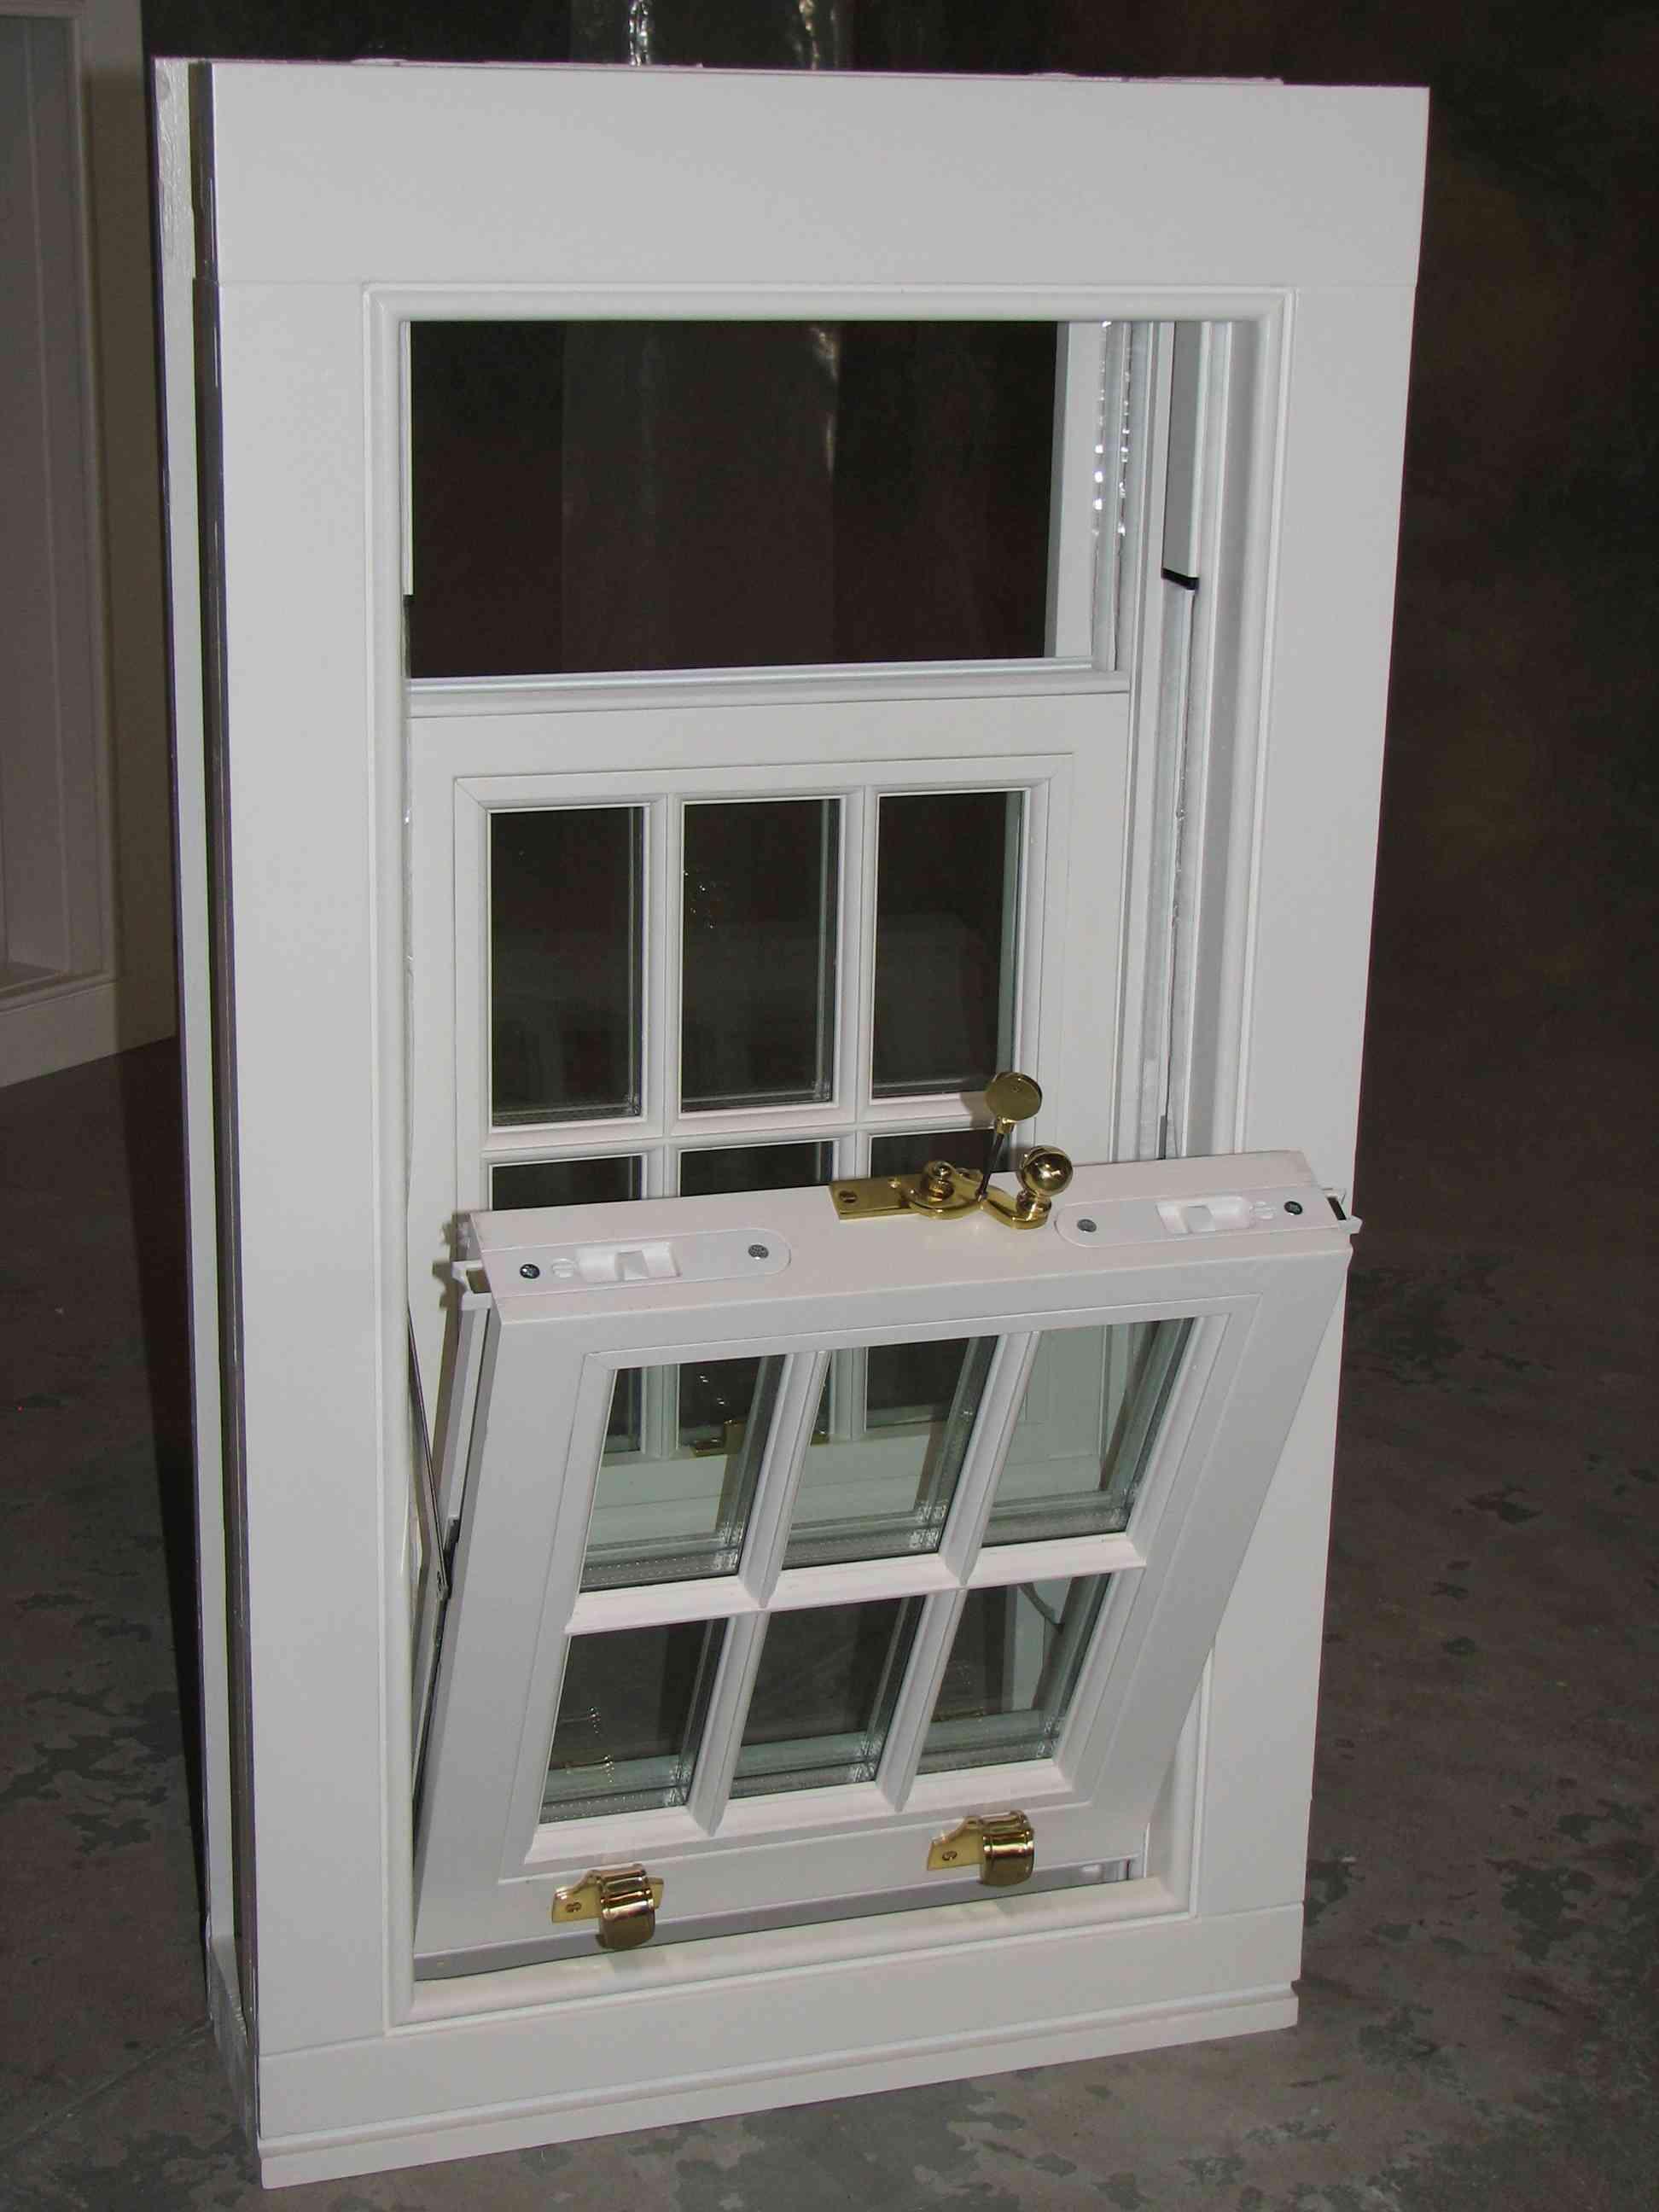 #302C27 Janelas Com caixilhos de madeira Janelas ID do produto:100246014  818 Limpeza De Vidros E Janelas   Karcher